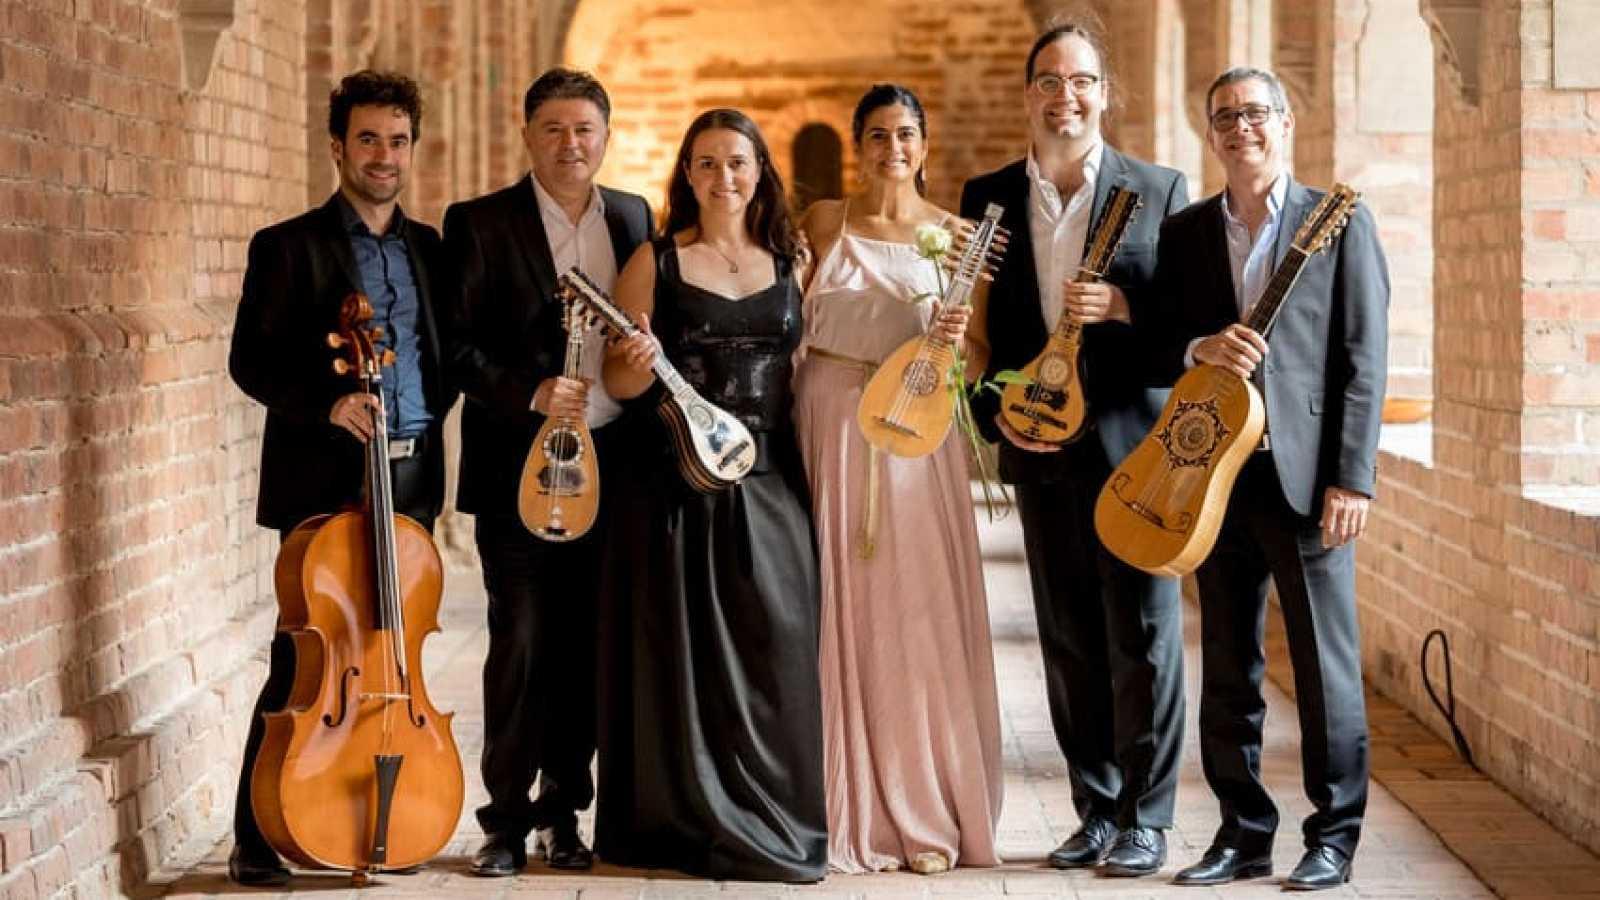 Entrevista a Artemandoline - 'la mandolina barroca' - escuchar ahora